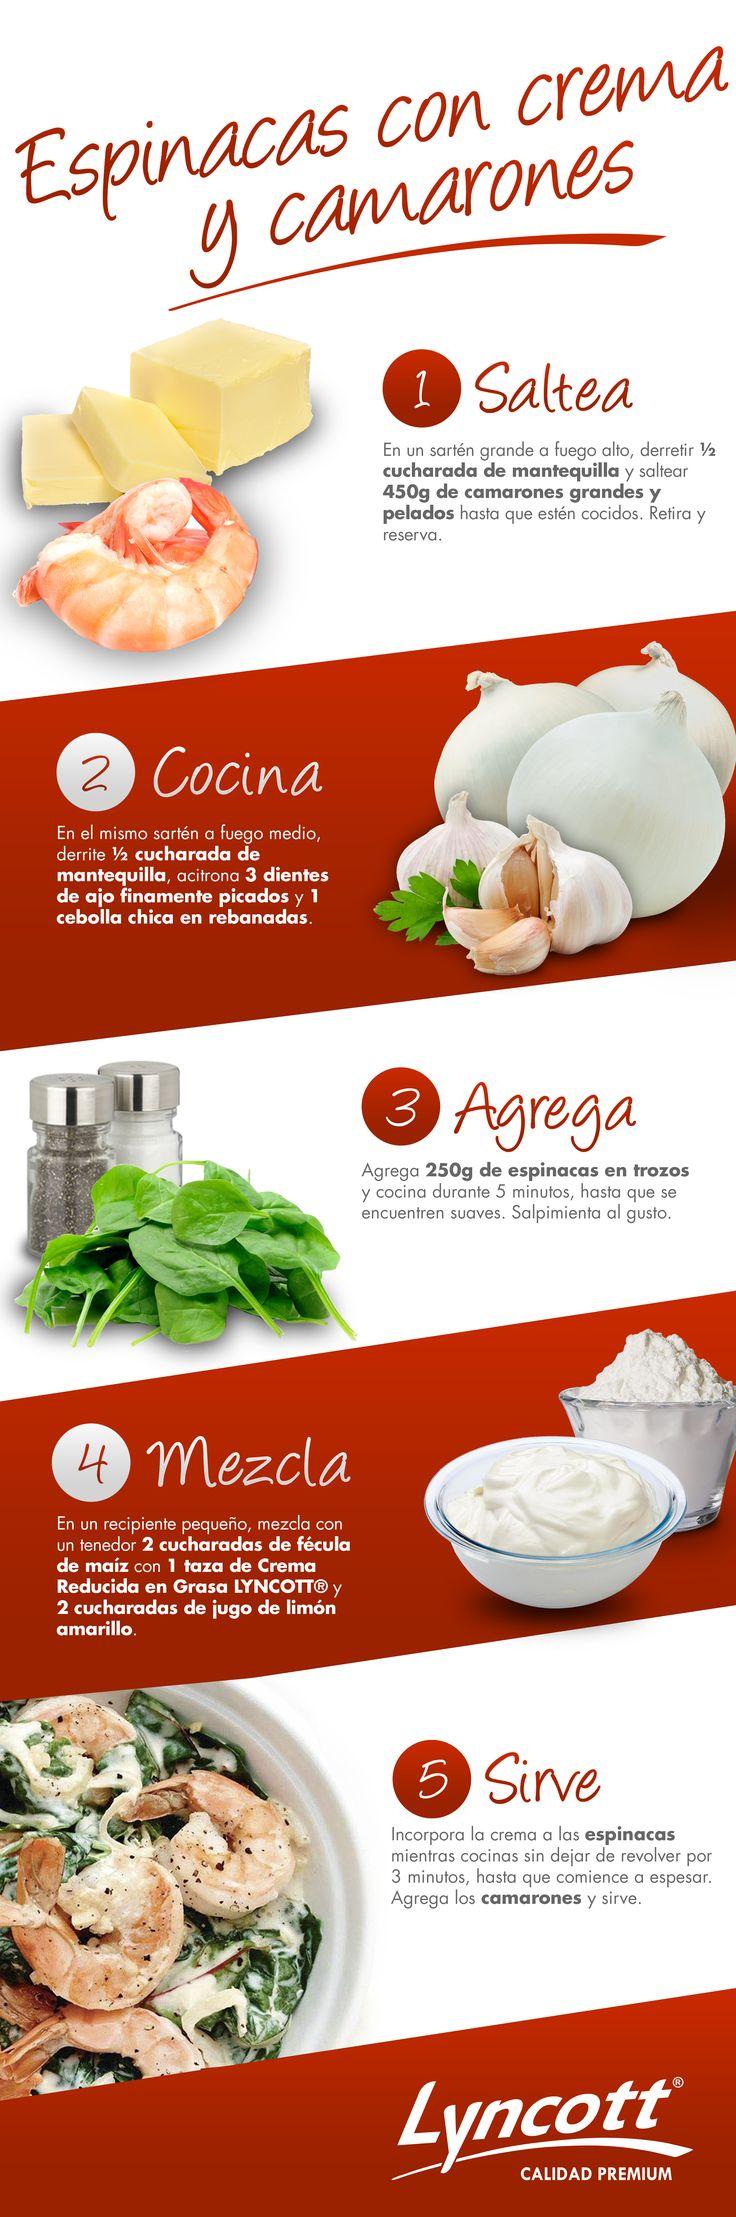 Espinacas con crema y camarones #RecetaFácil #Camarones #Espinacas #Saludable